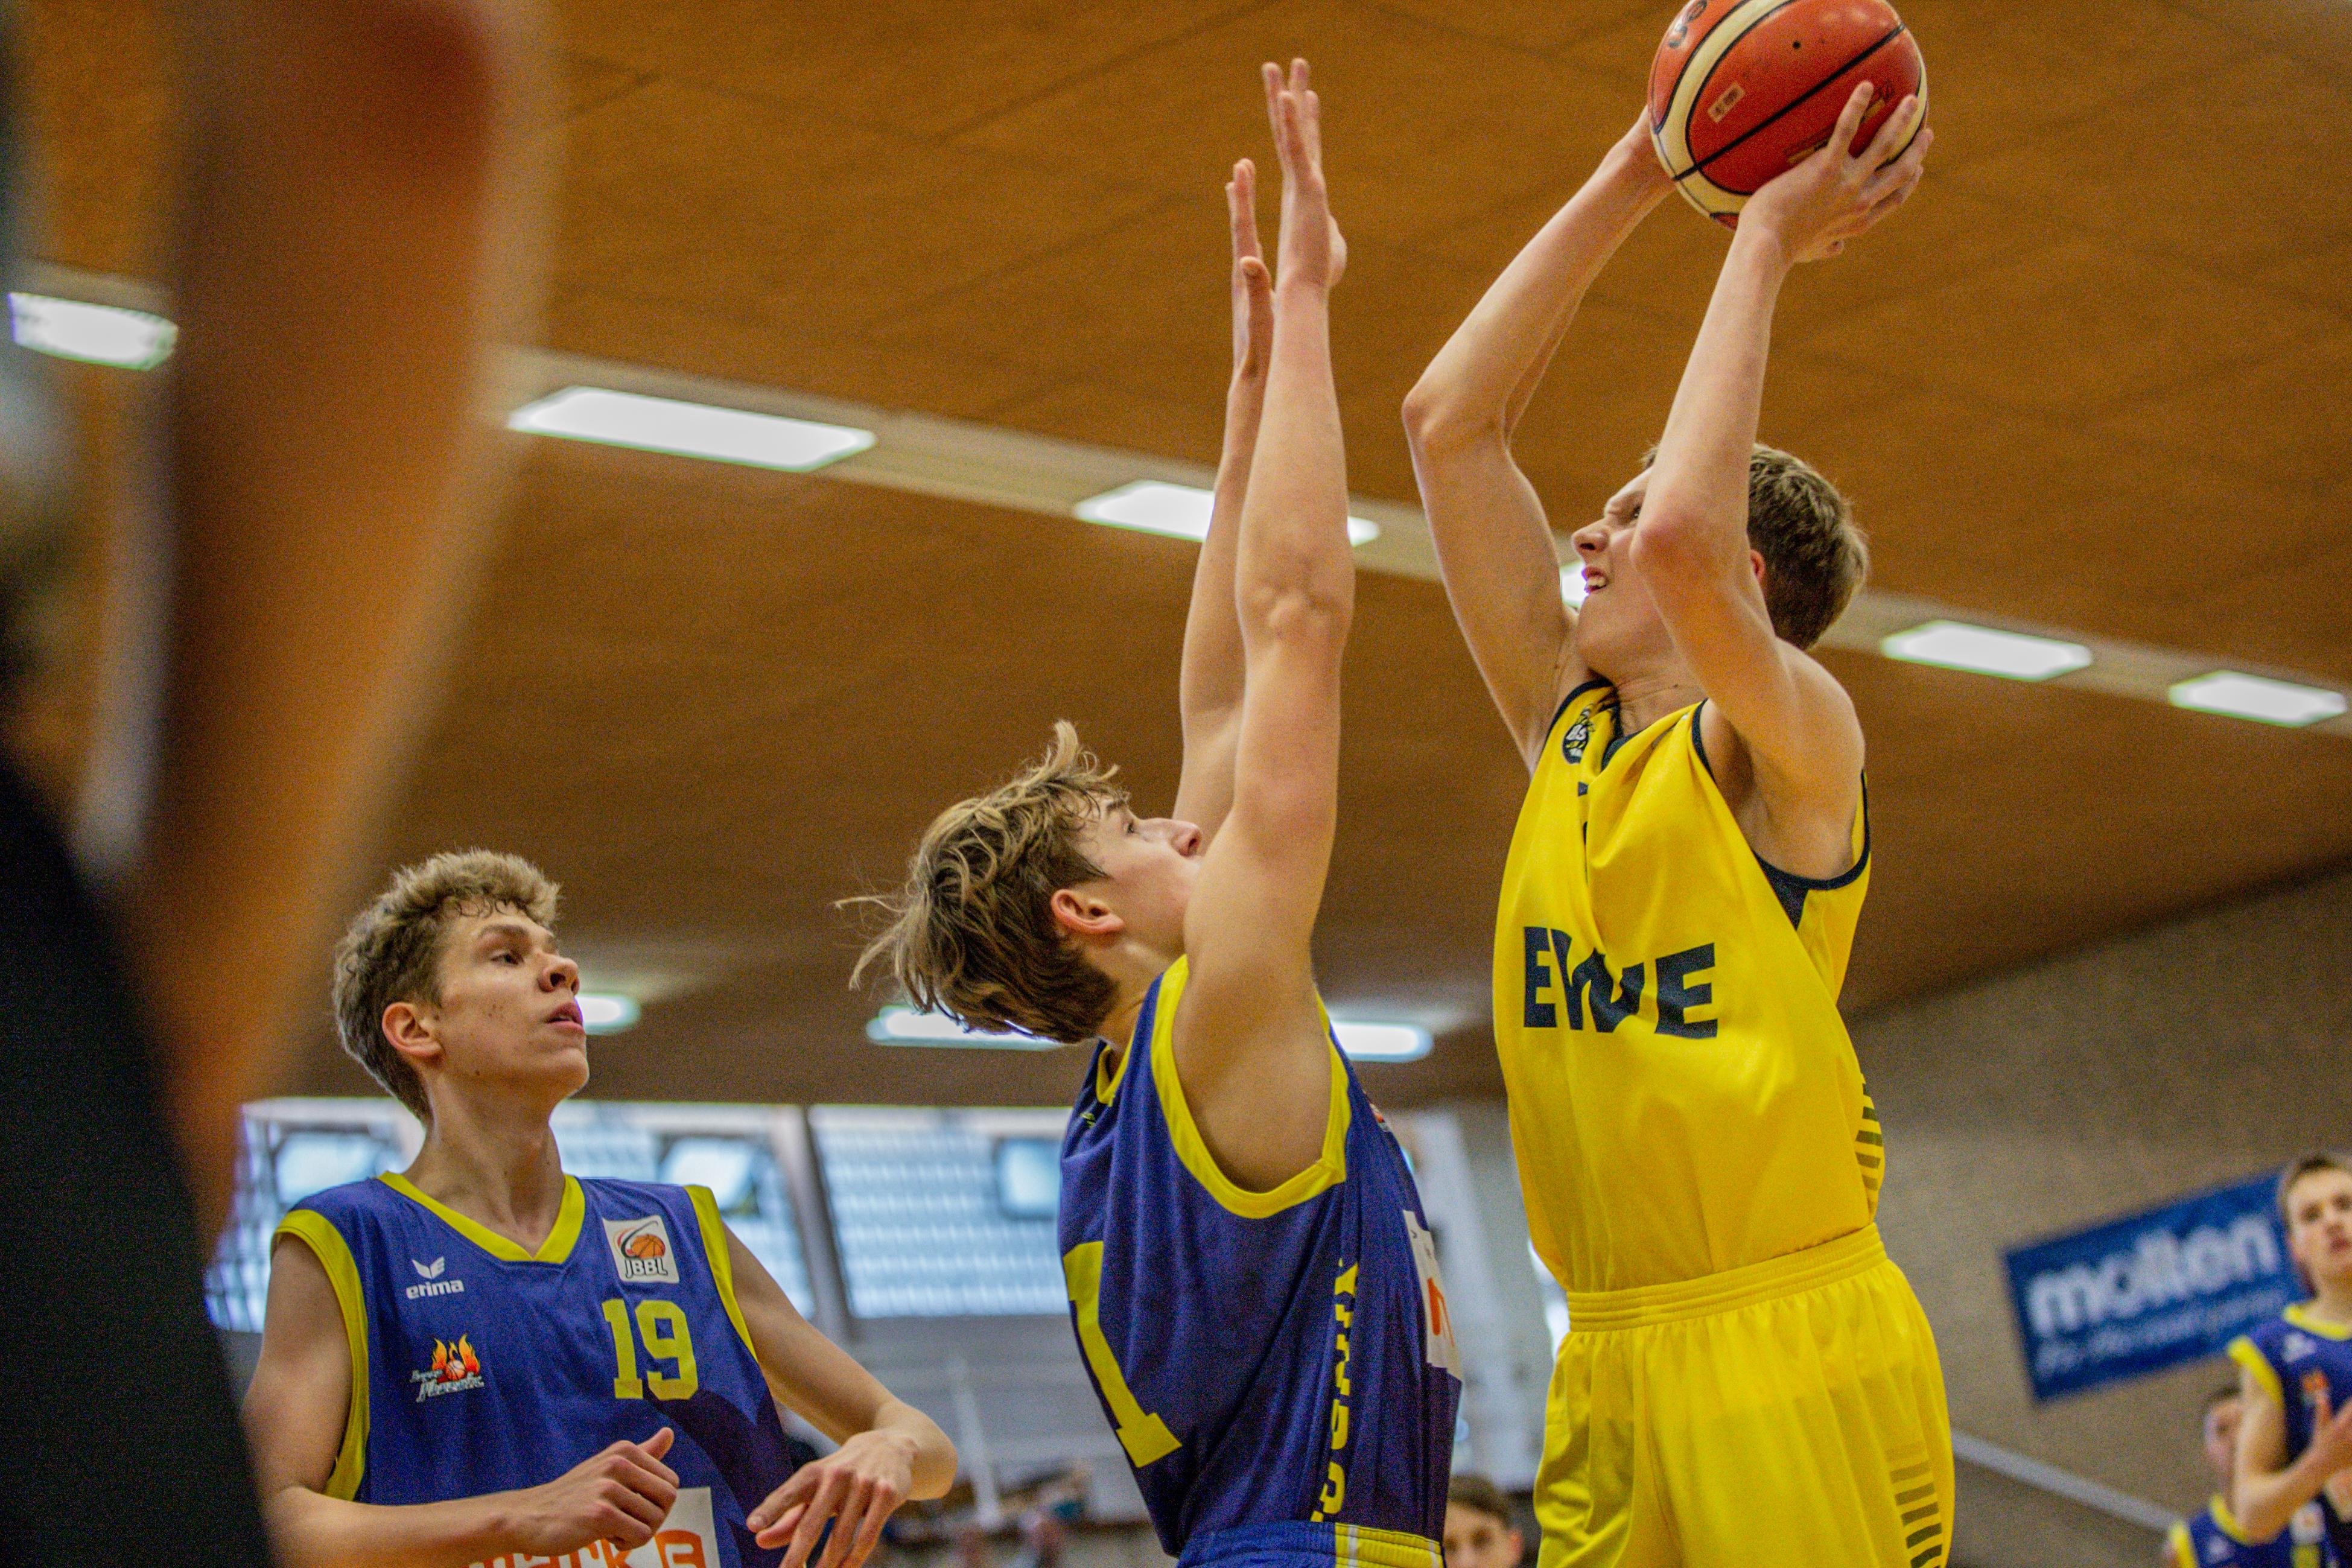 13.10.2019, Oldenburg, Sporthalle Haarenufer: JBBL | EWE Baskets Juniors - Phoenix Hagen Youngsters  //  Renke HILLMER (#5 EWE Baskets Juniors/JBBL)  || Foto: Erik Hillmer